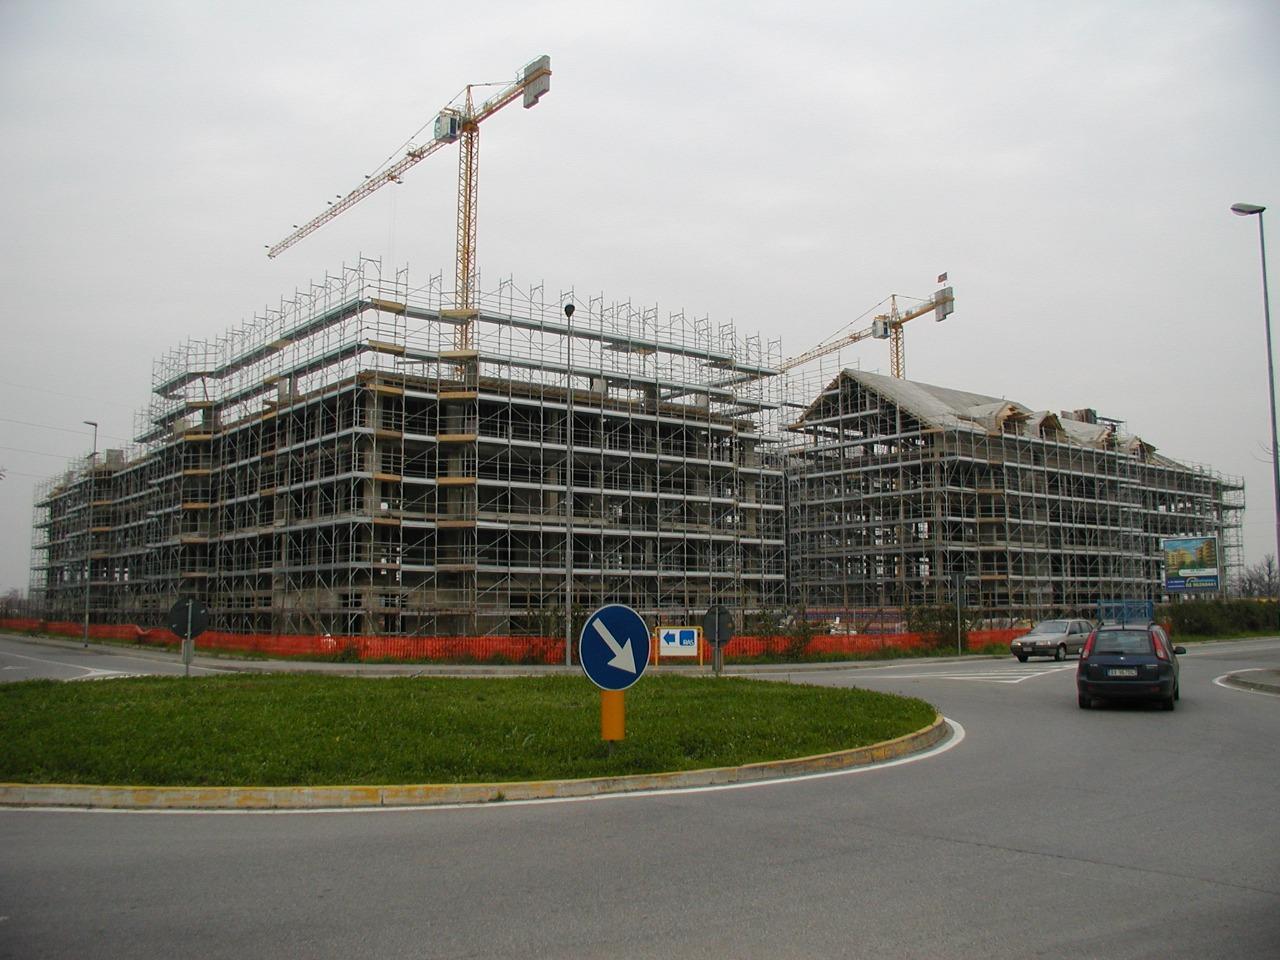 Gallery foto n.2 RP 105 - Construction d'un bâtiment résidentiel